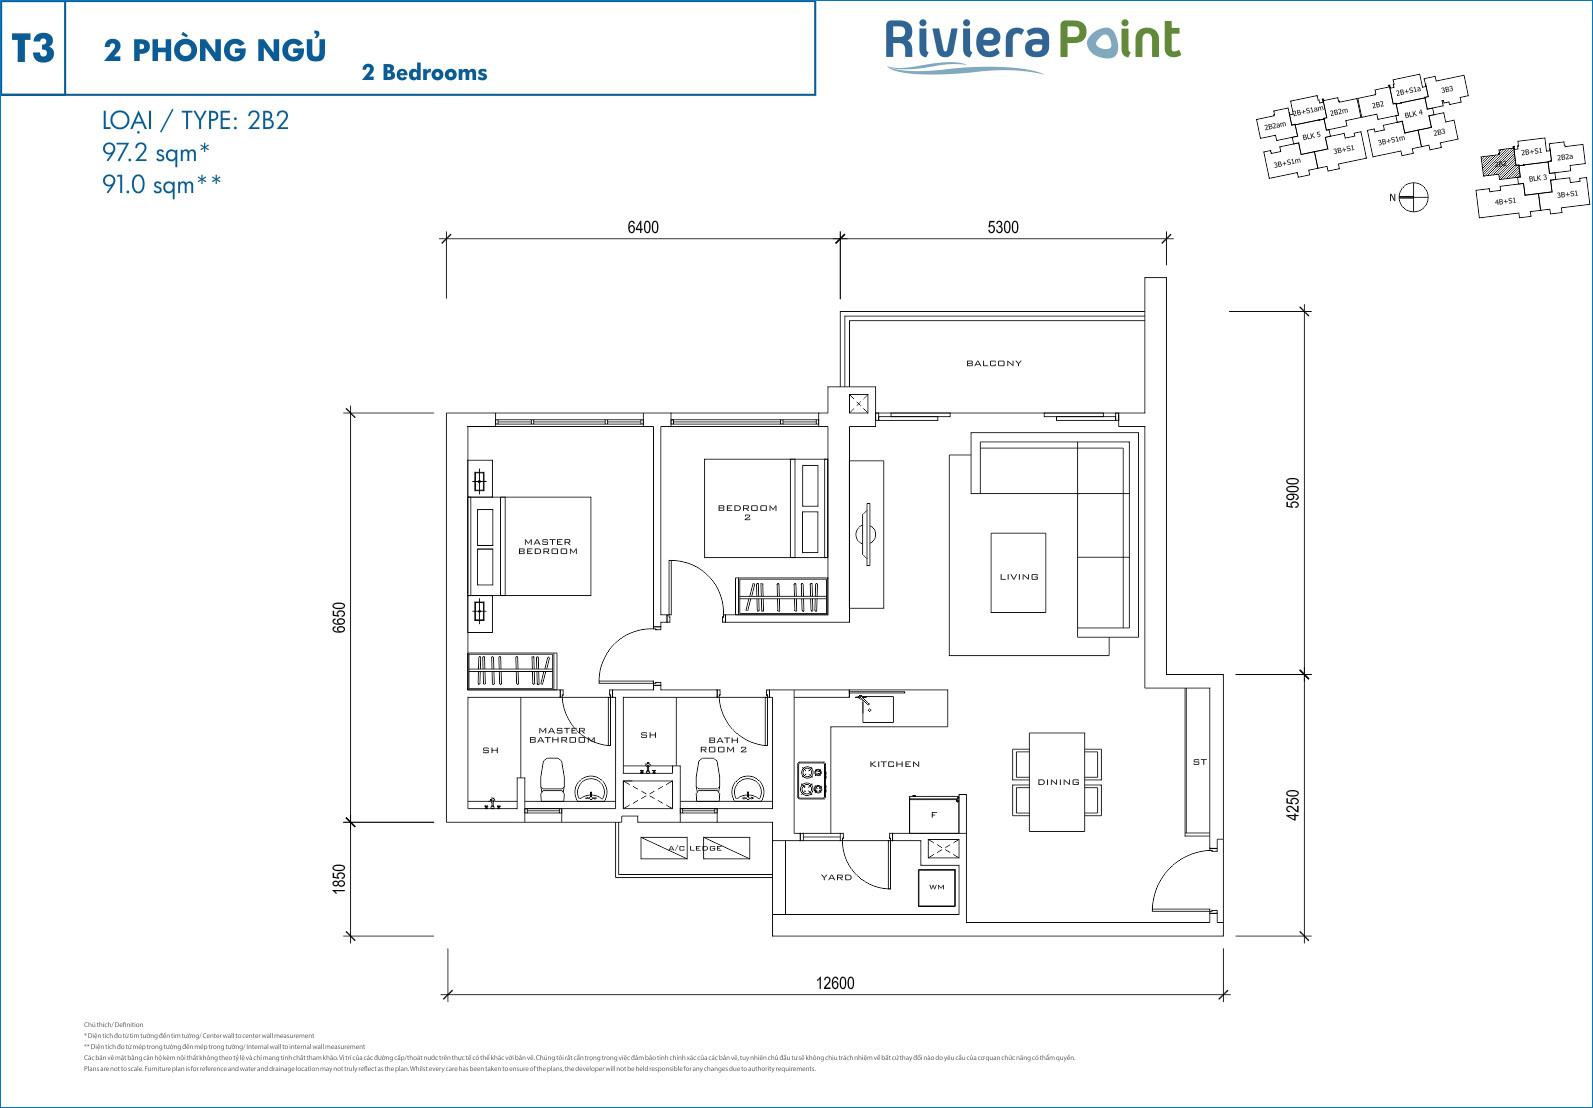 Cho thuê căn hộ The View - Riviera Point 2 phòng ngủ tại quận 7.